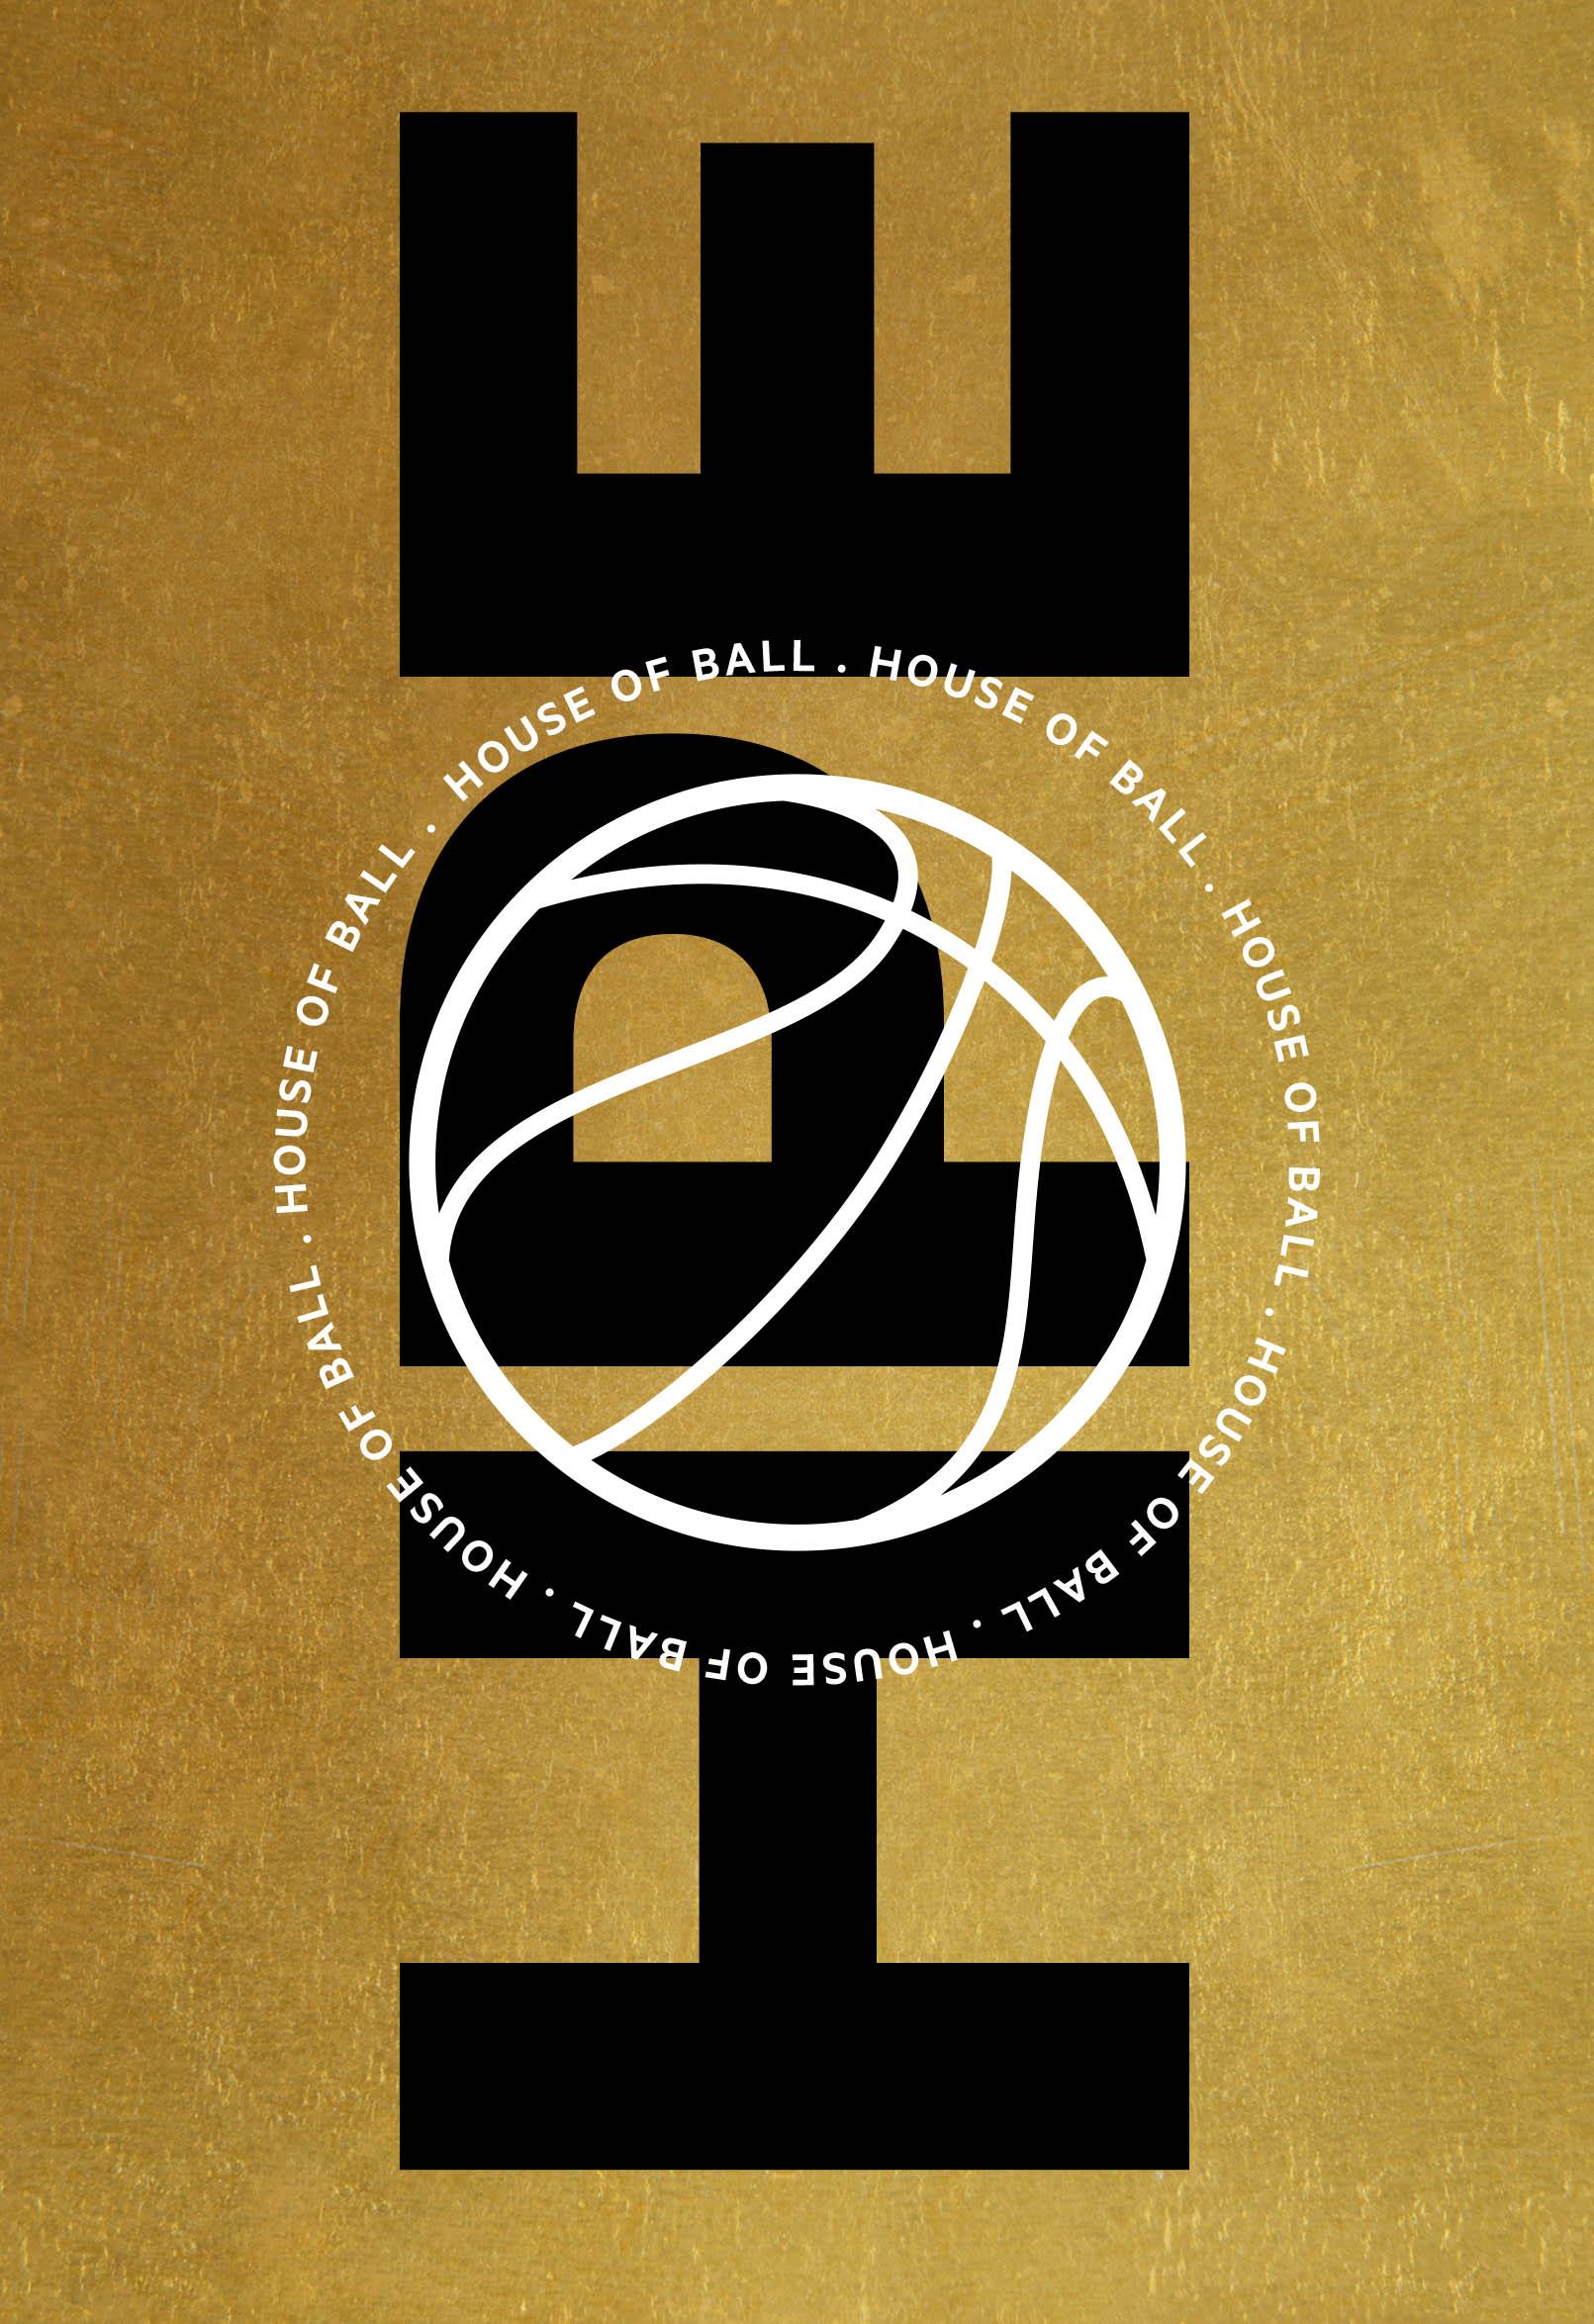 house_of_ball_poster.jpg